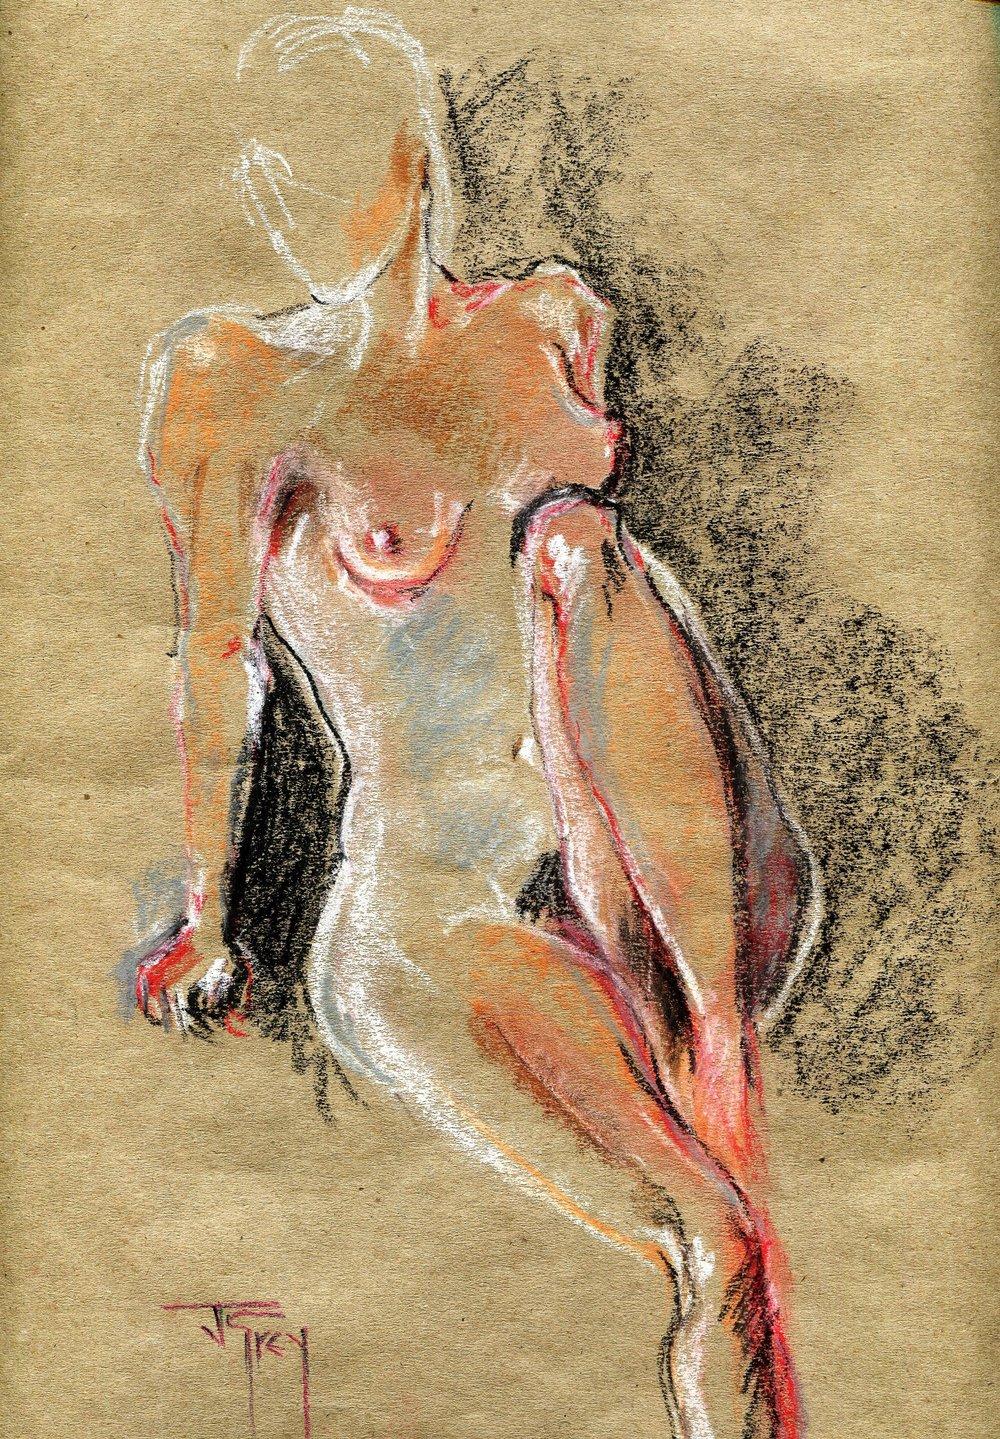 21c Juliet Grey, Cerise (Nude), Pastel on paper